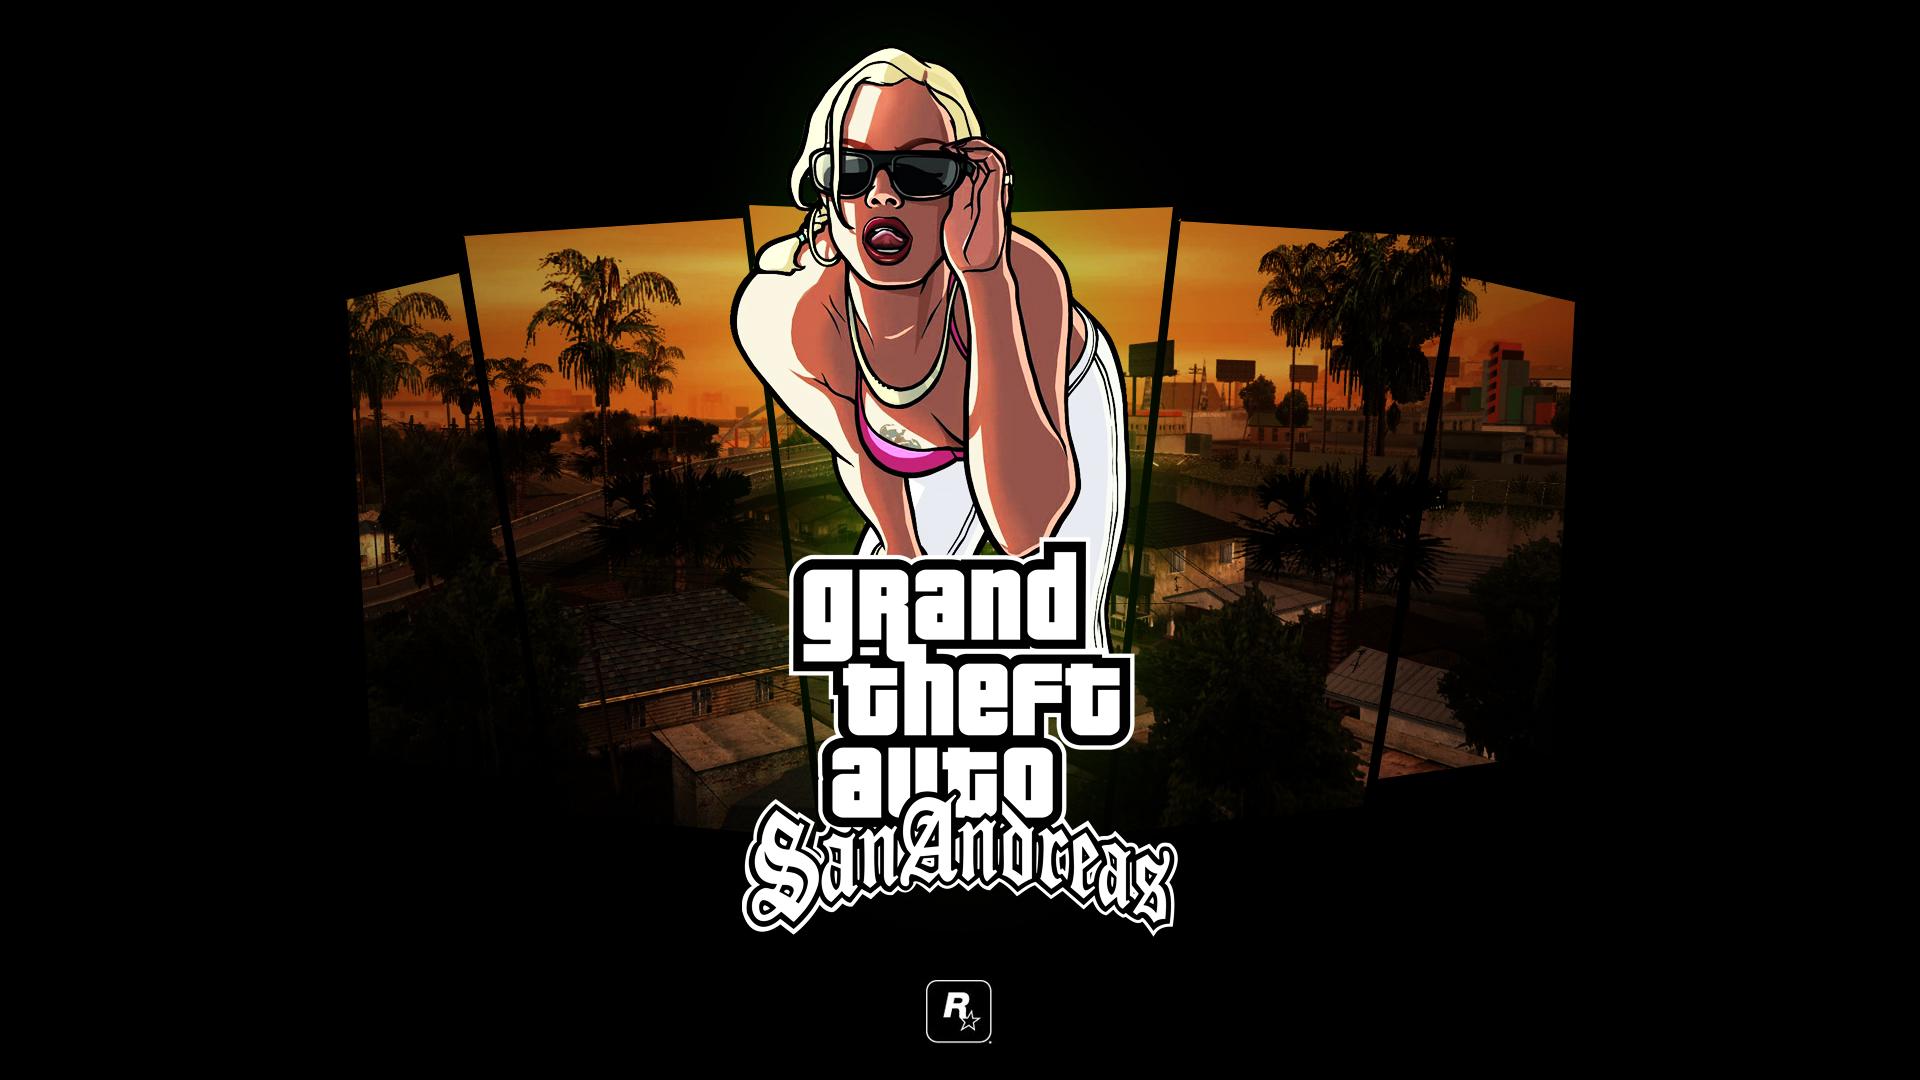 GTA San Andreas [10 Year Anniversary] Wallpaper 2 by ...